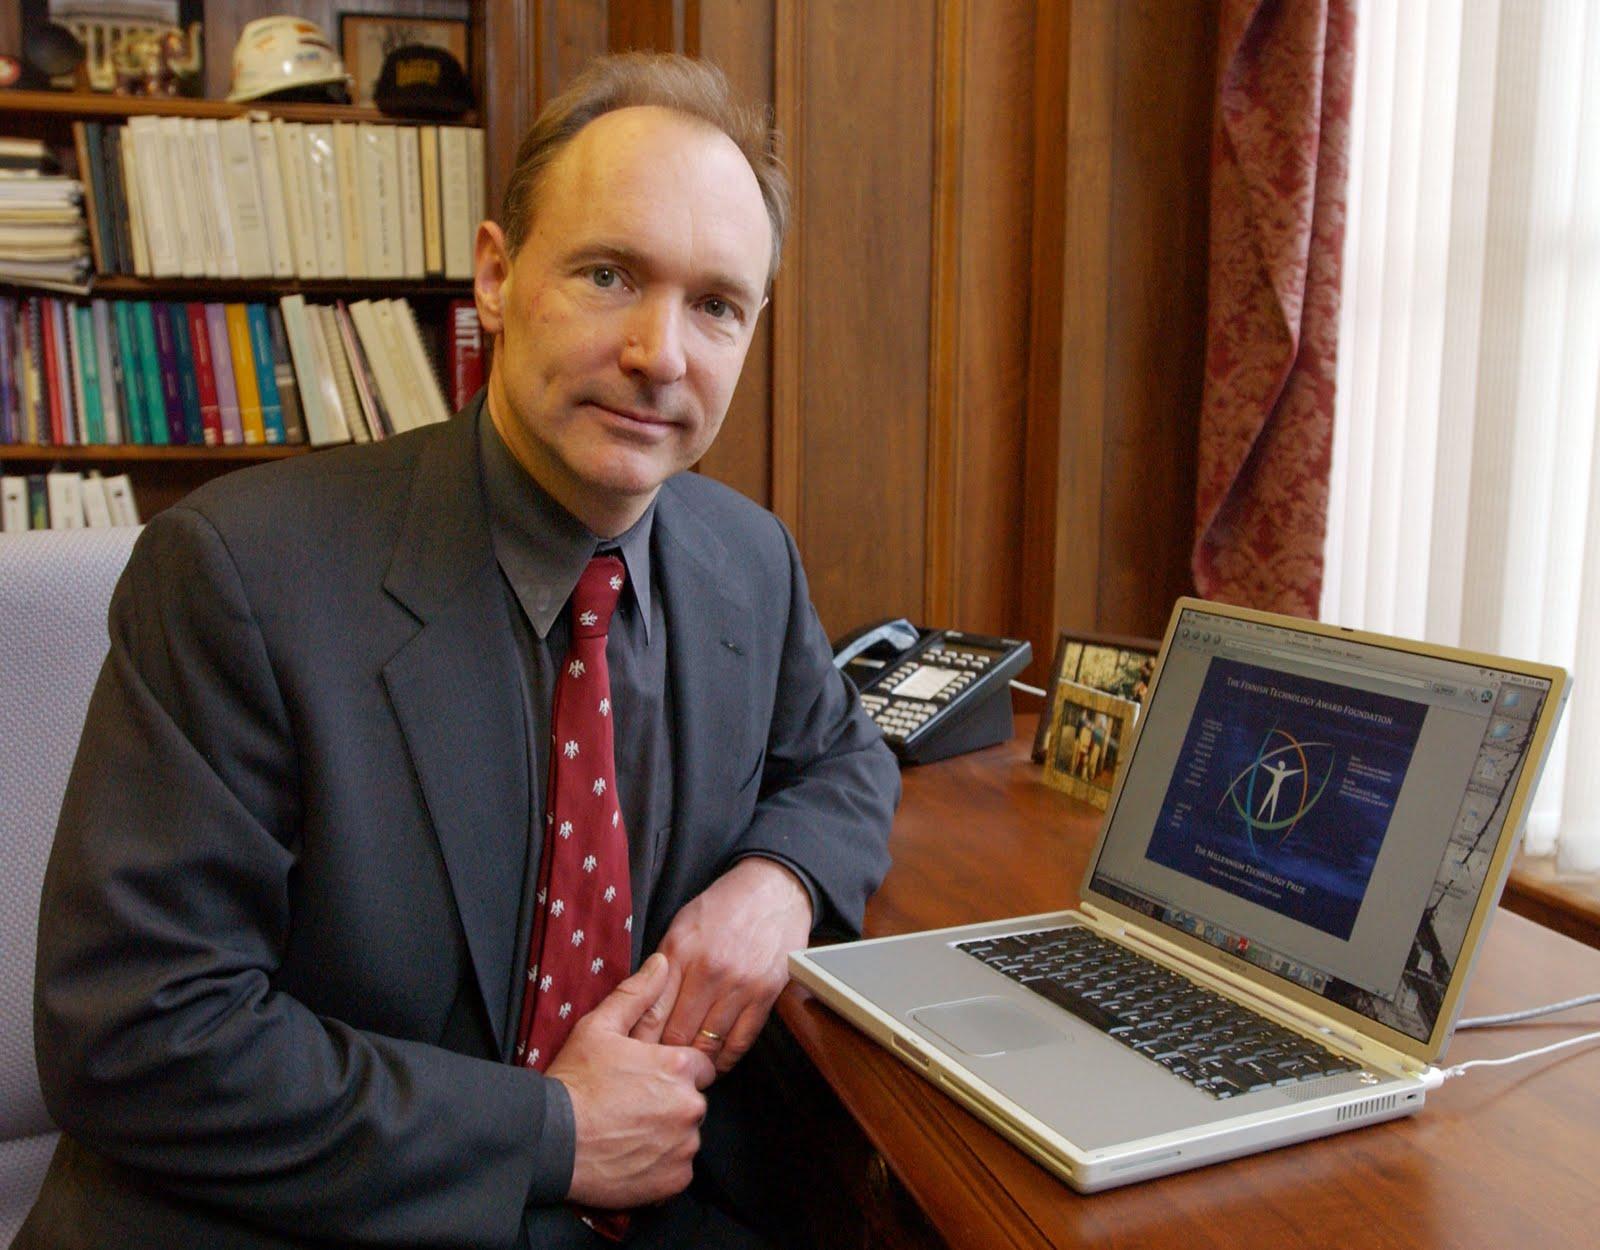 Primer sitio web EEUU vuelve a la vida gracias a Universidad de Stanford